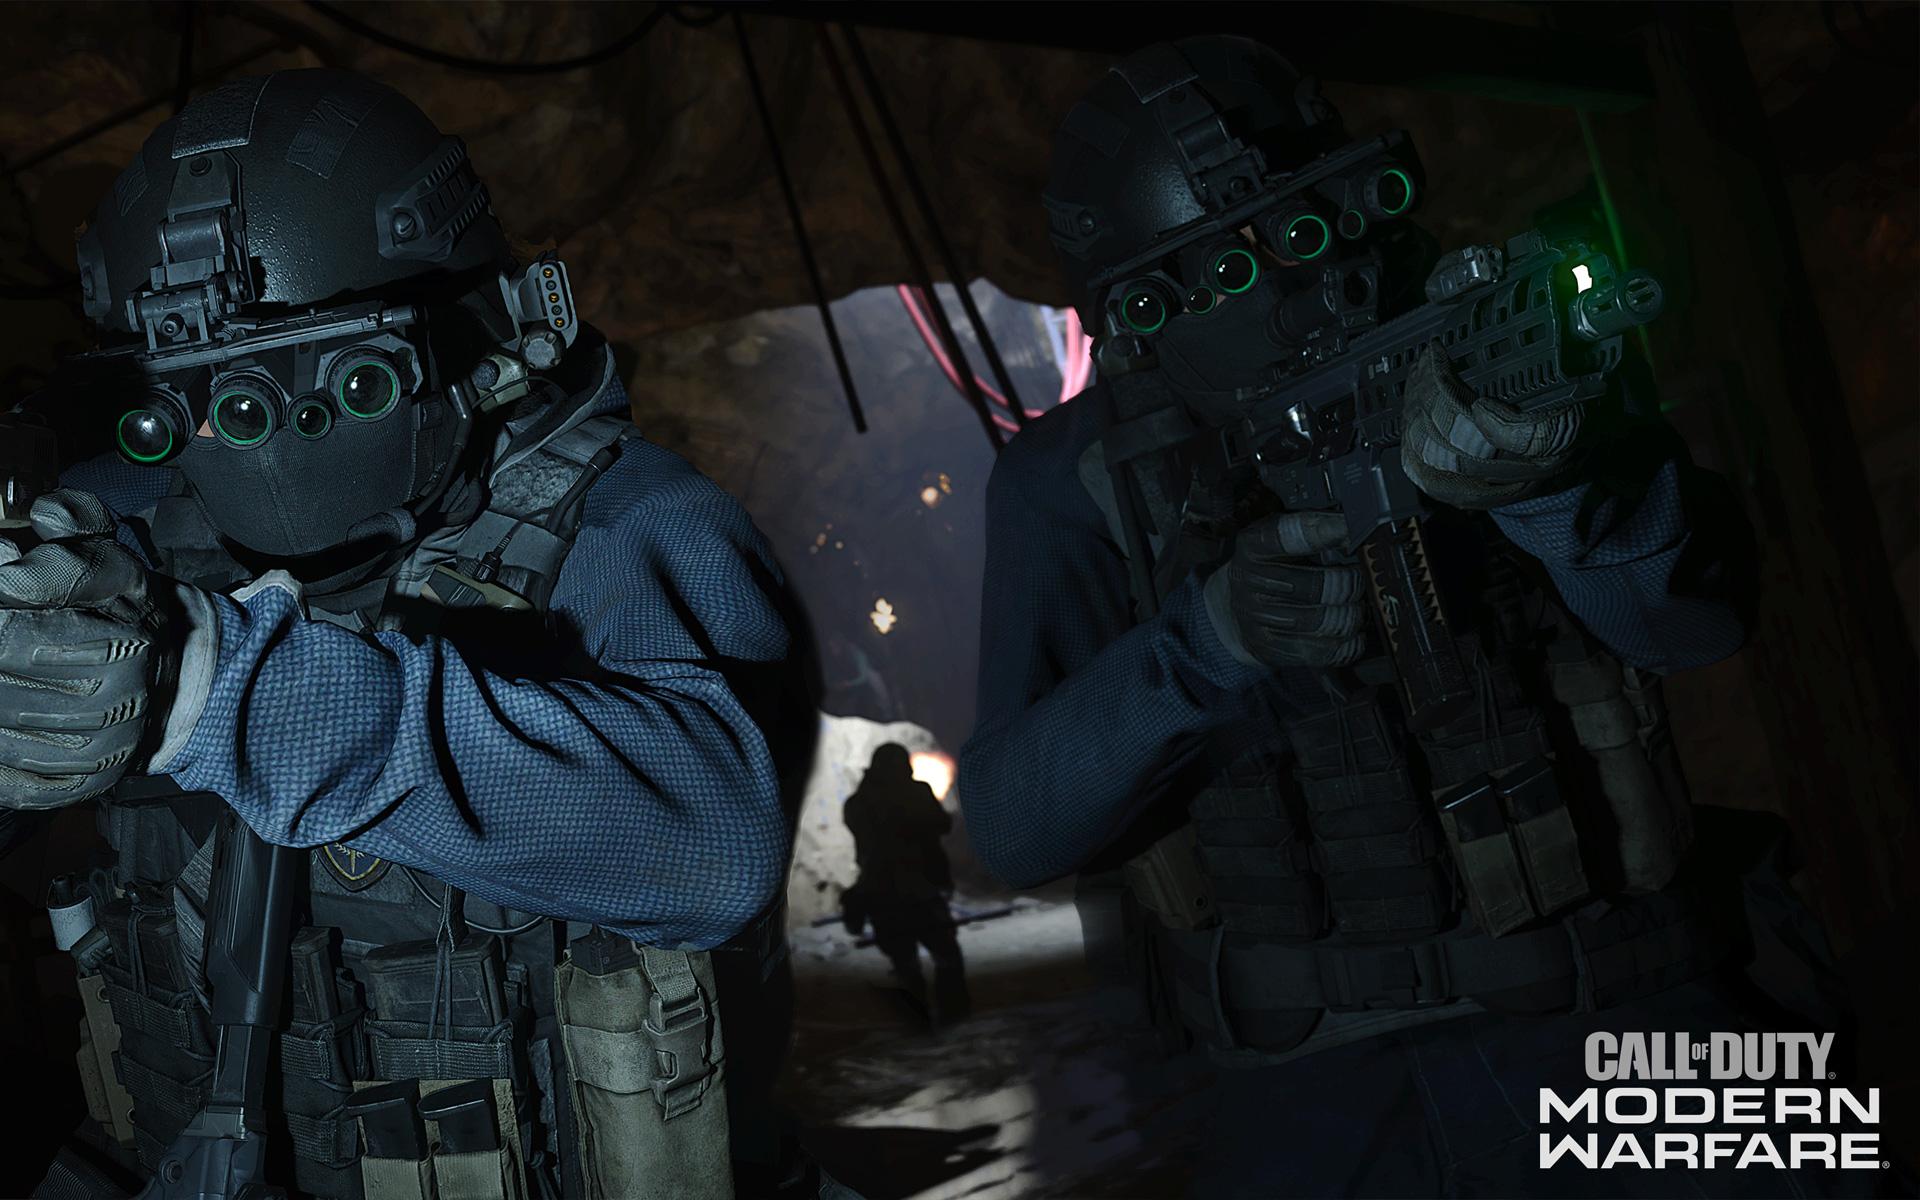 Call of Duty: Modern Warfare (2019) Wallpaper in 1920x1200